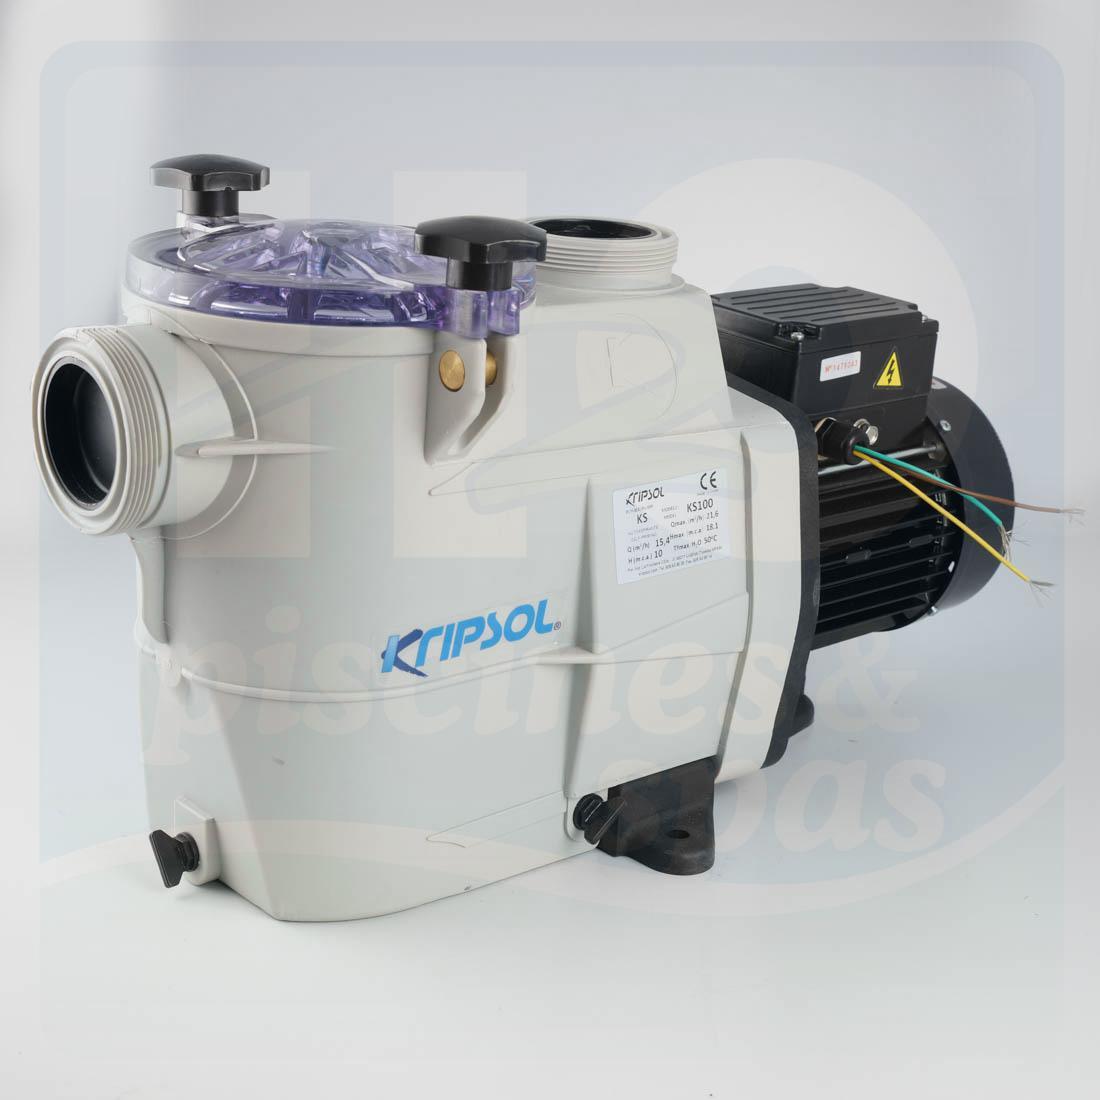 Pompe de filtration kripsol delfino ks koral 100t 1cv for Pompe piscine kripsol